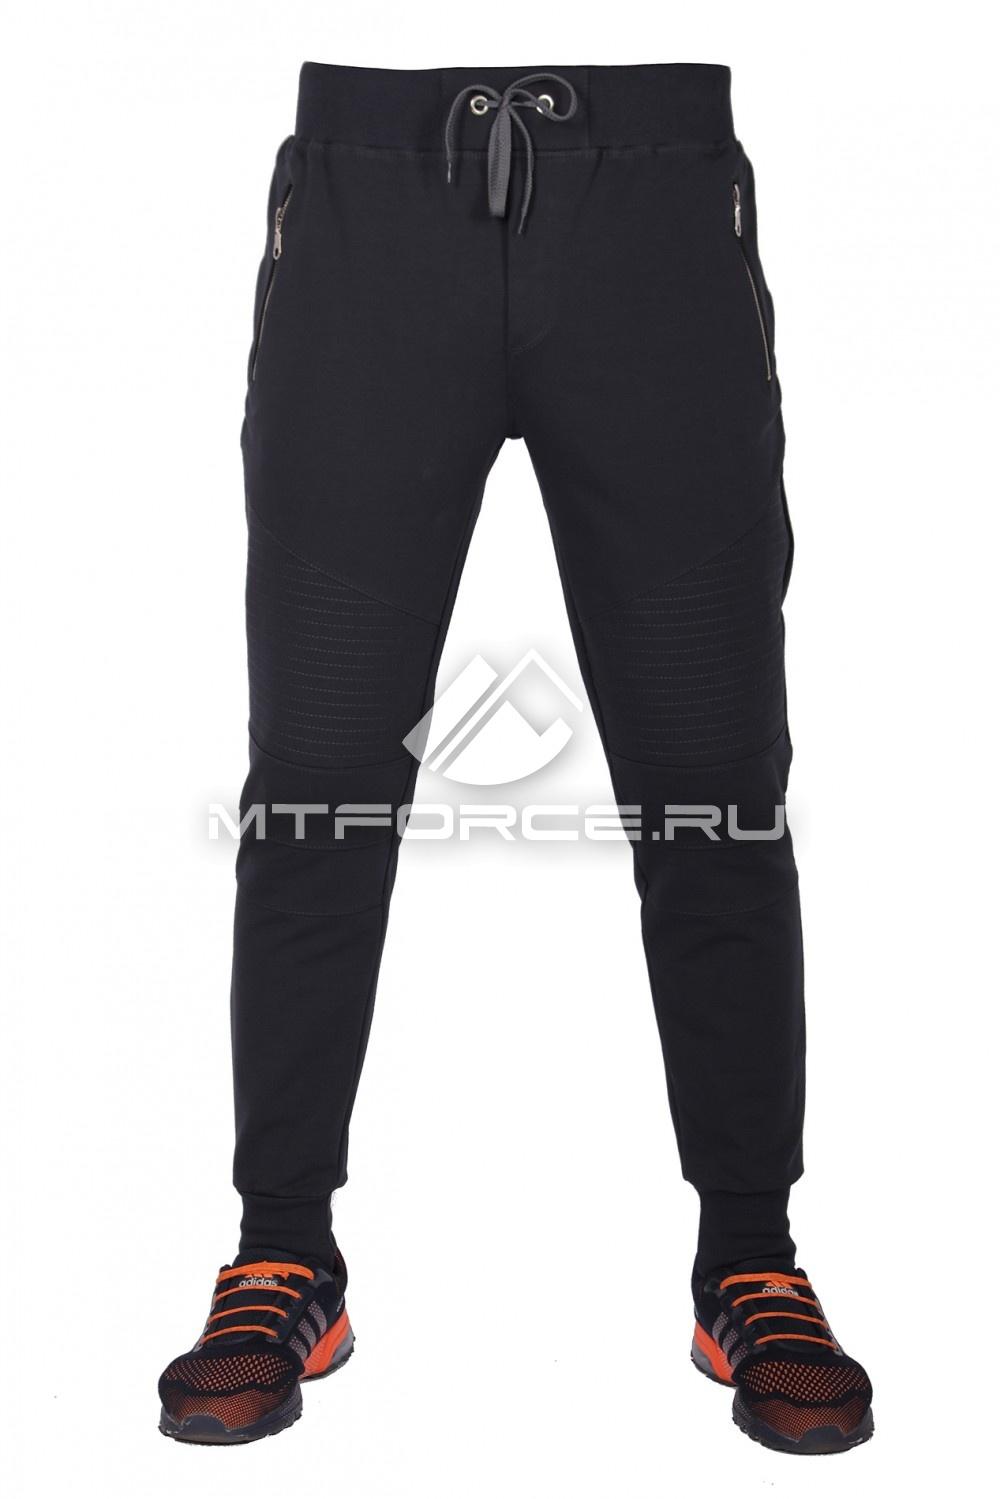 Купить                                  оптом Брюки трикотажные мужские модные темно-серый цвета 313TC